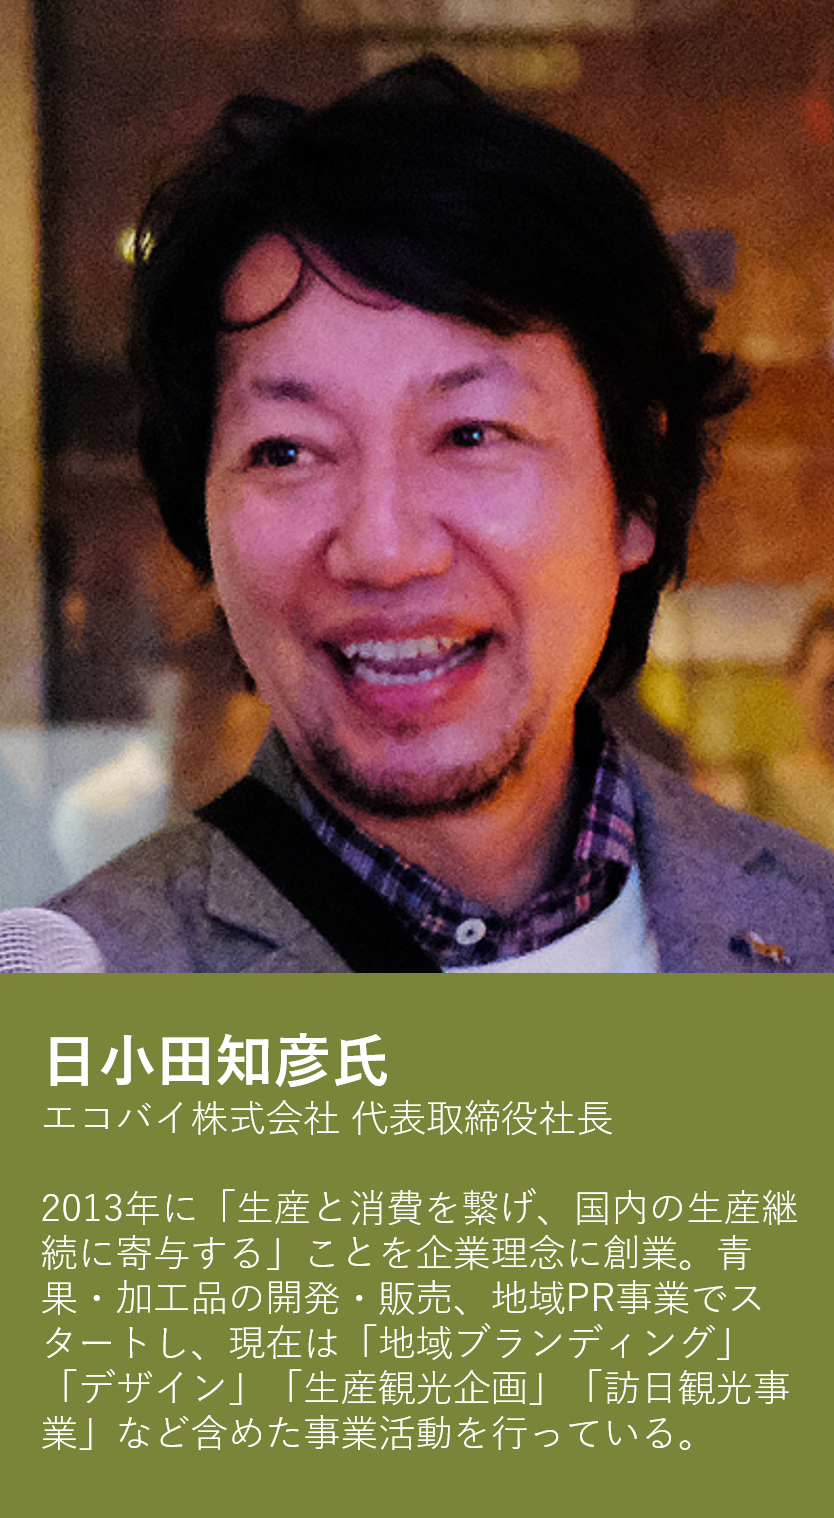 日小田知彦氏(エコバイ株式会社-代表取締役社長)